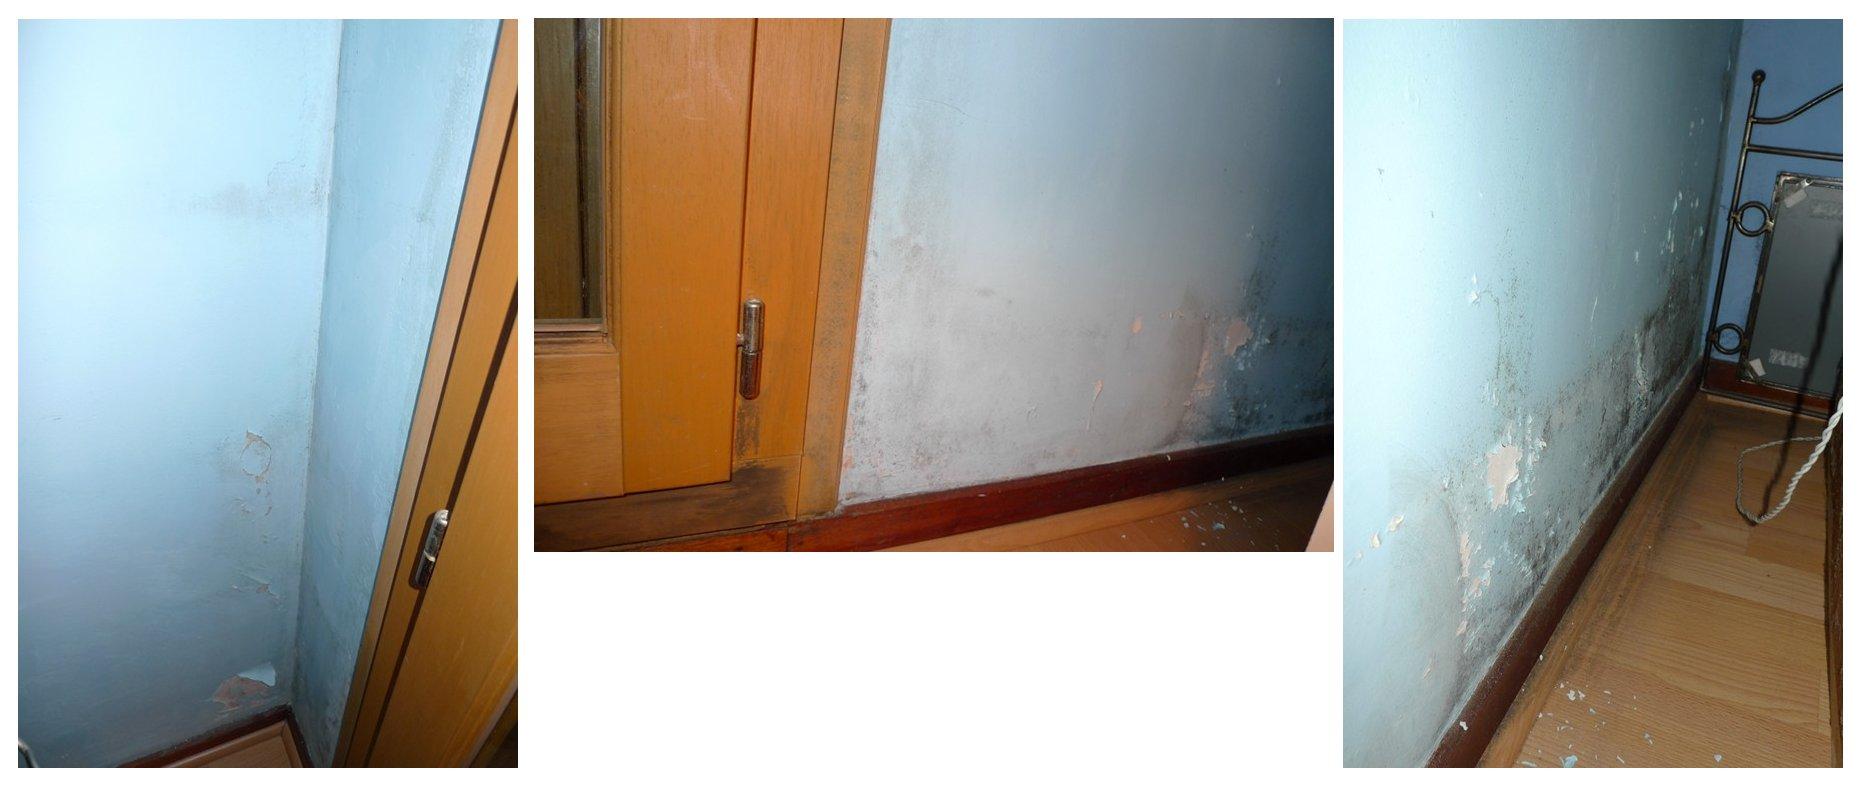 lutte contre l 39 humidit les moisissures et autres champignons. Black Bedroom Furniture Sets. Home Design Ideas